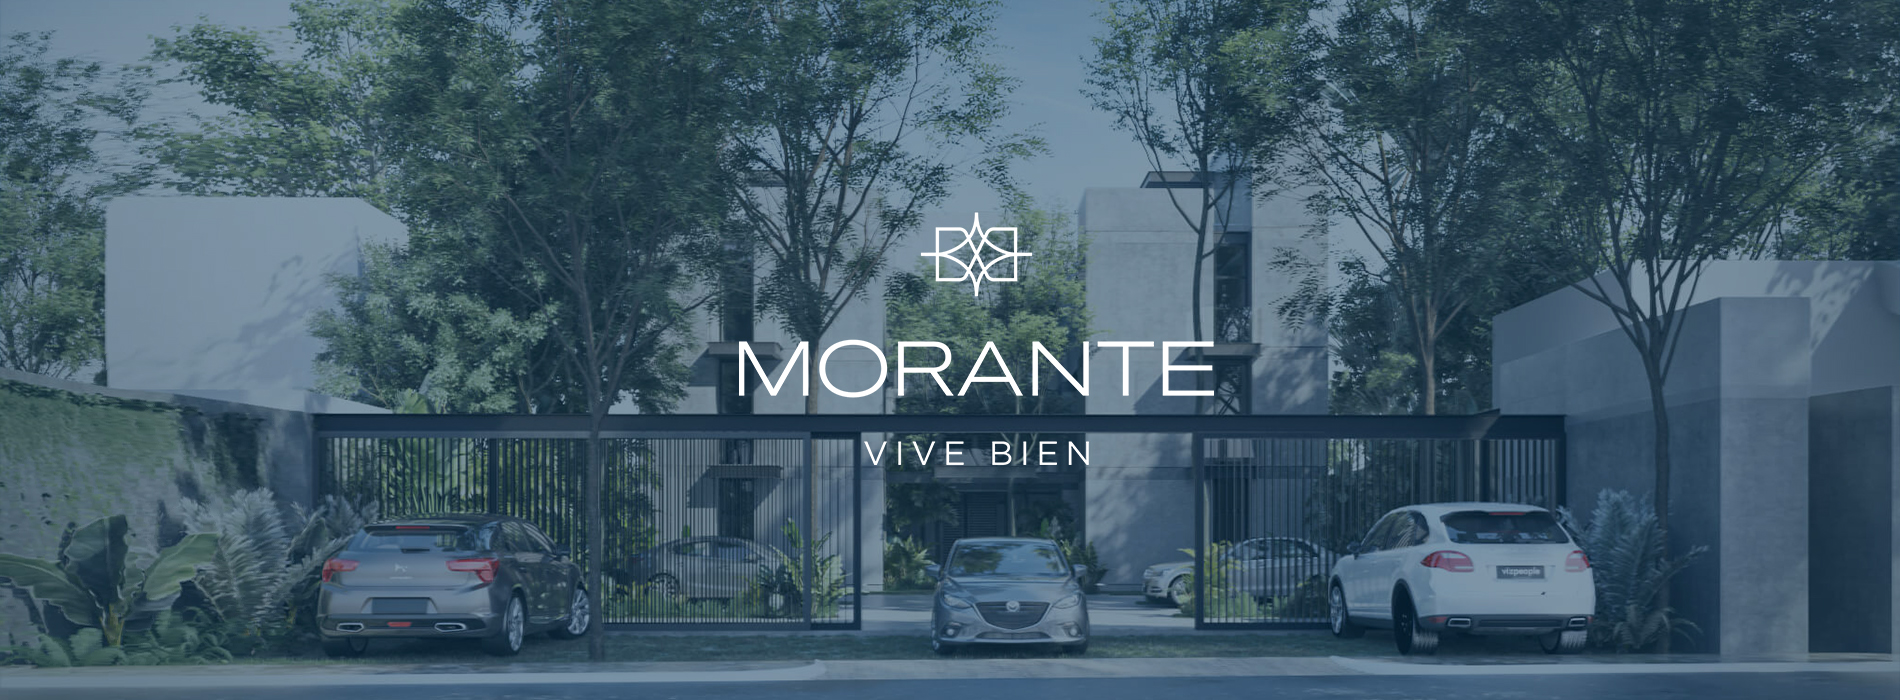 Departamentos Venta Mérida Morante Goodlers